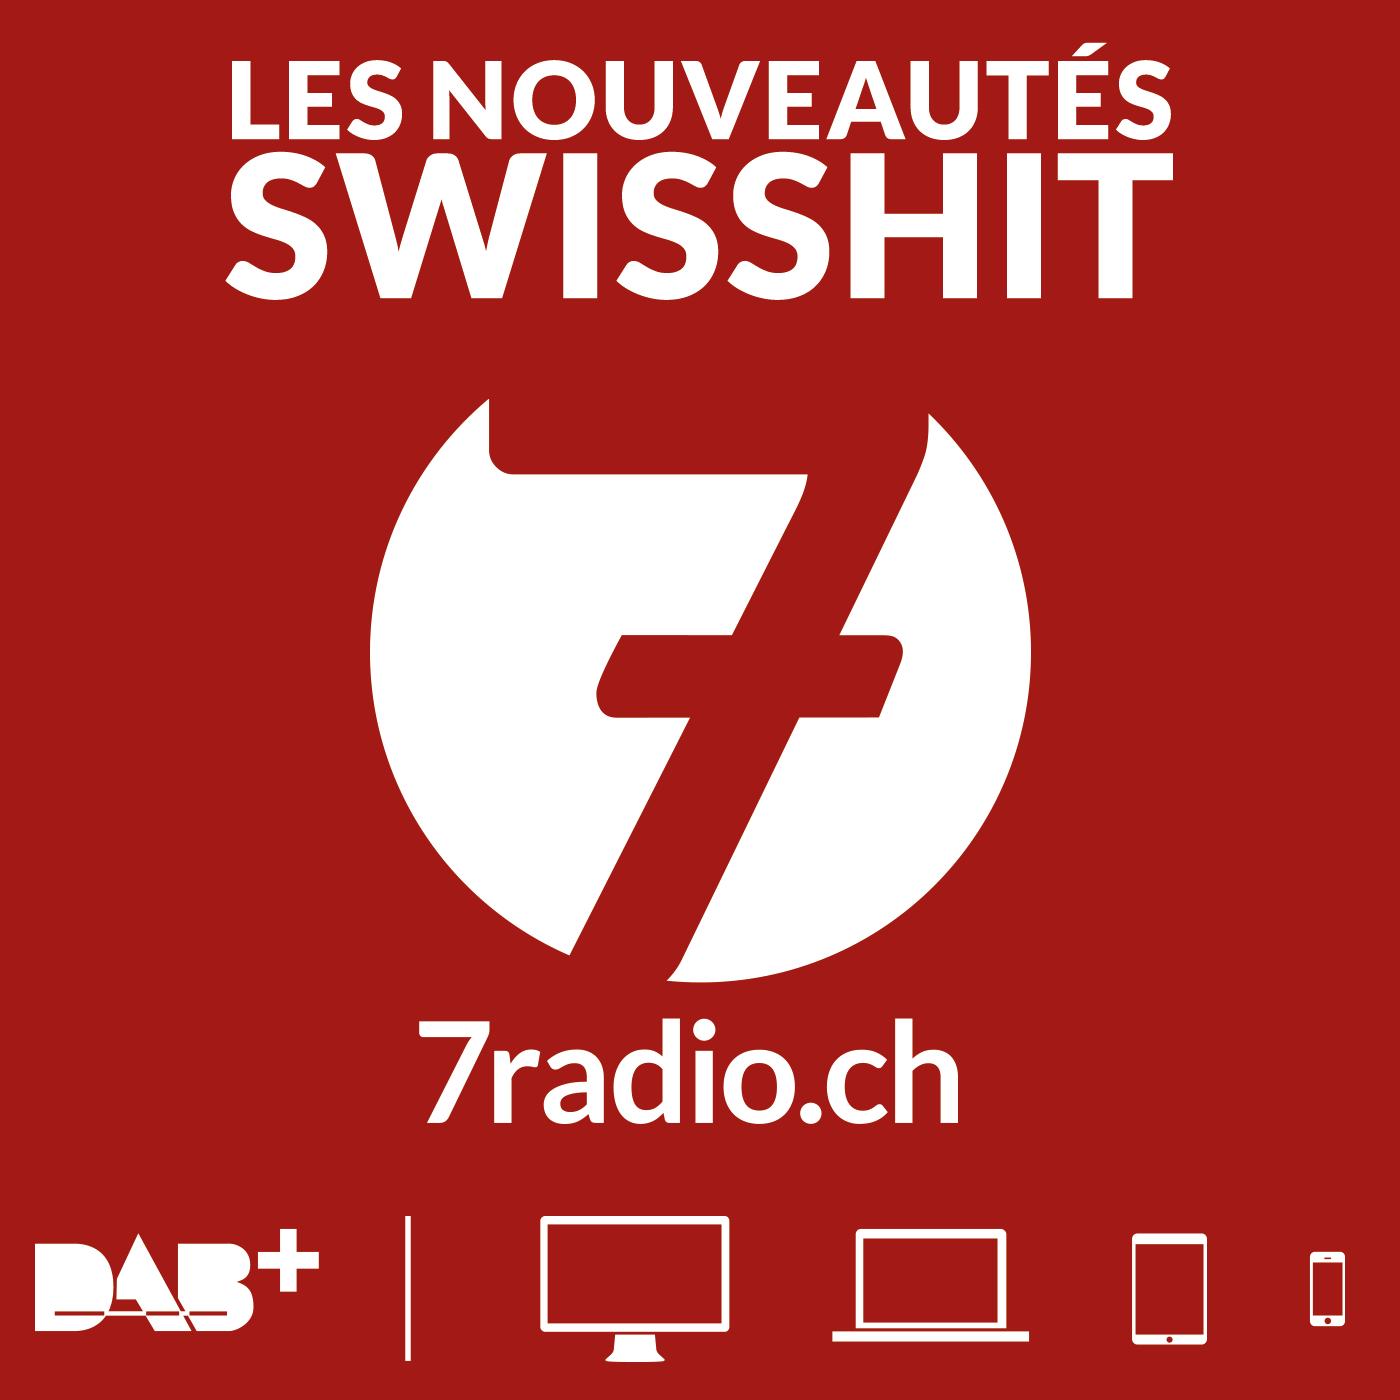 7radio | Les nouveautés SwissHit